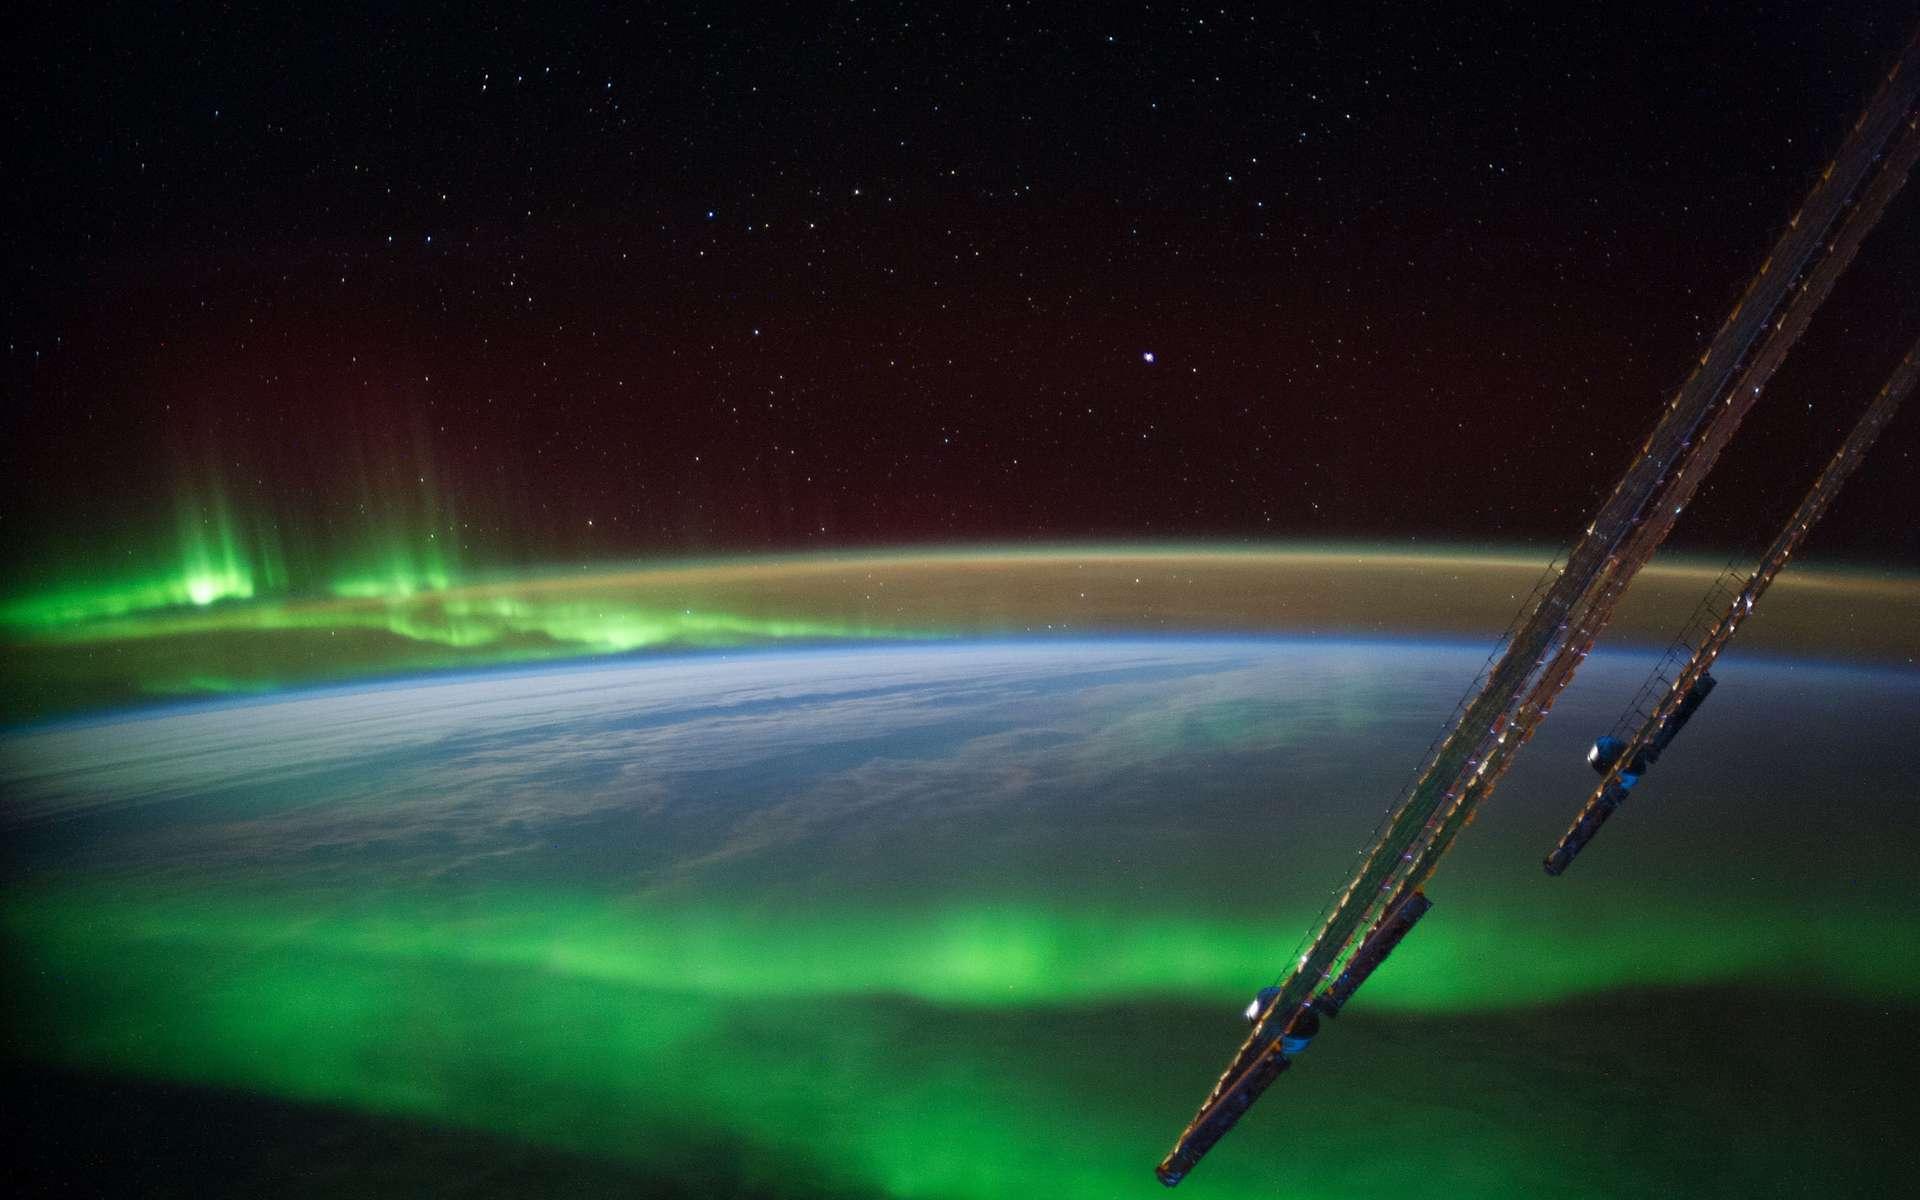 À environ 400 km d'altitude, la Station spatiale internationale ne met qu'une heure et demie à faire un tour de la Terre. Son orbite, inclinée à 51,6° par rapport au plan équatorial, lui donne régulièrement une bonne vue sur les aurores polaires. En voici de magnifiques... L'azote donne des couleurs bleues et rouges, et l'oxygène des teintes vertes et rouges. © Nasa cc by-nc 2.0